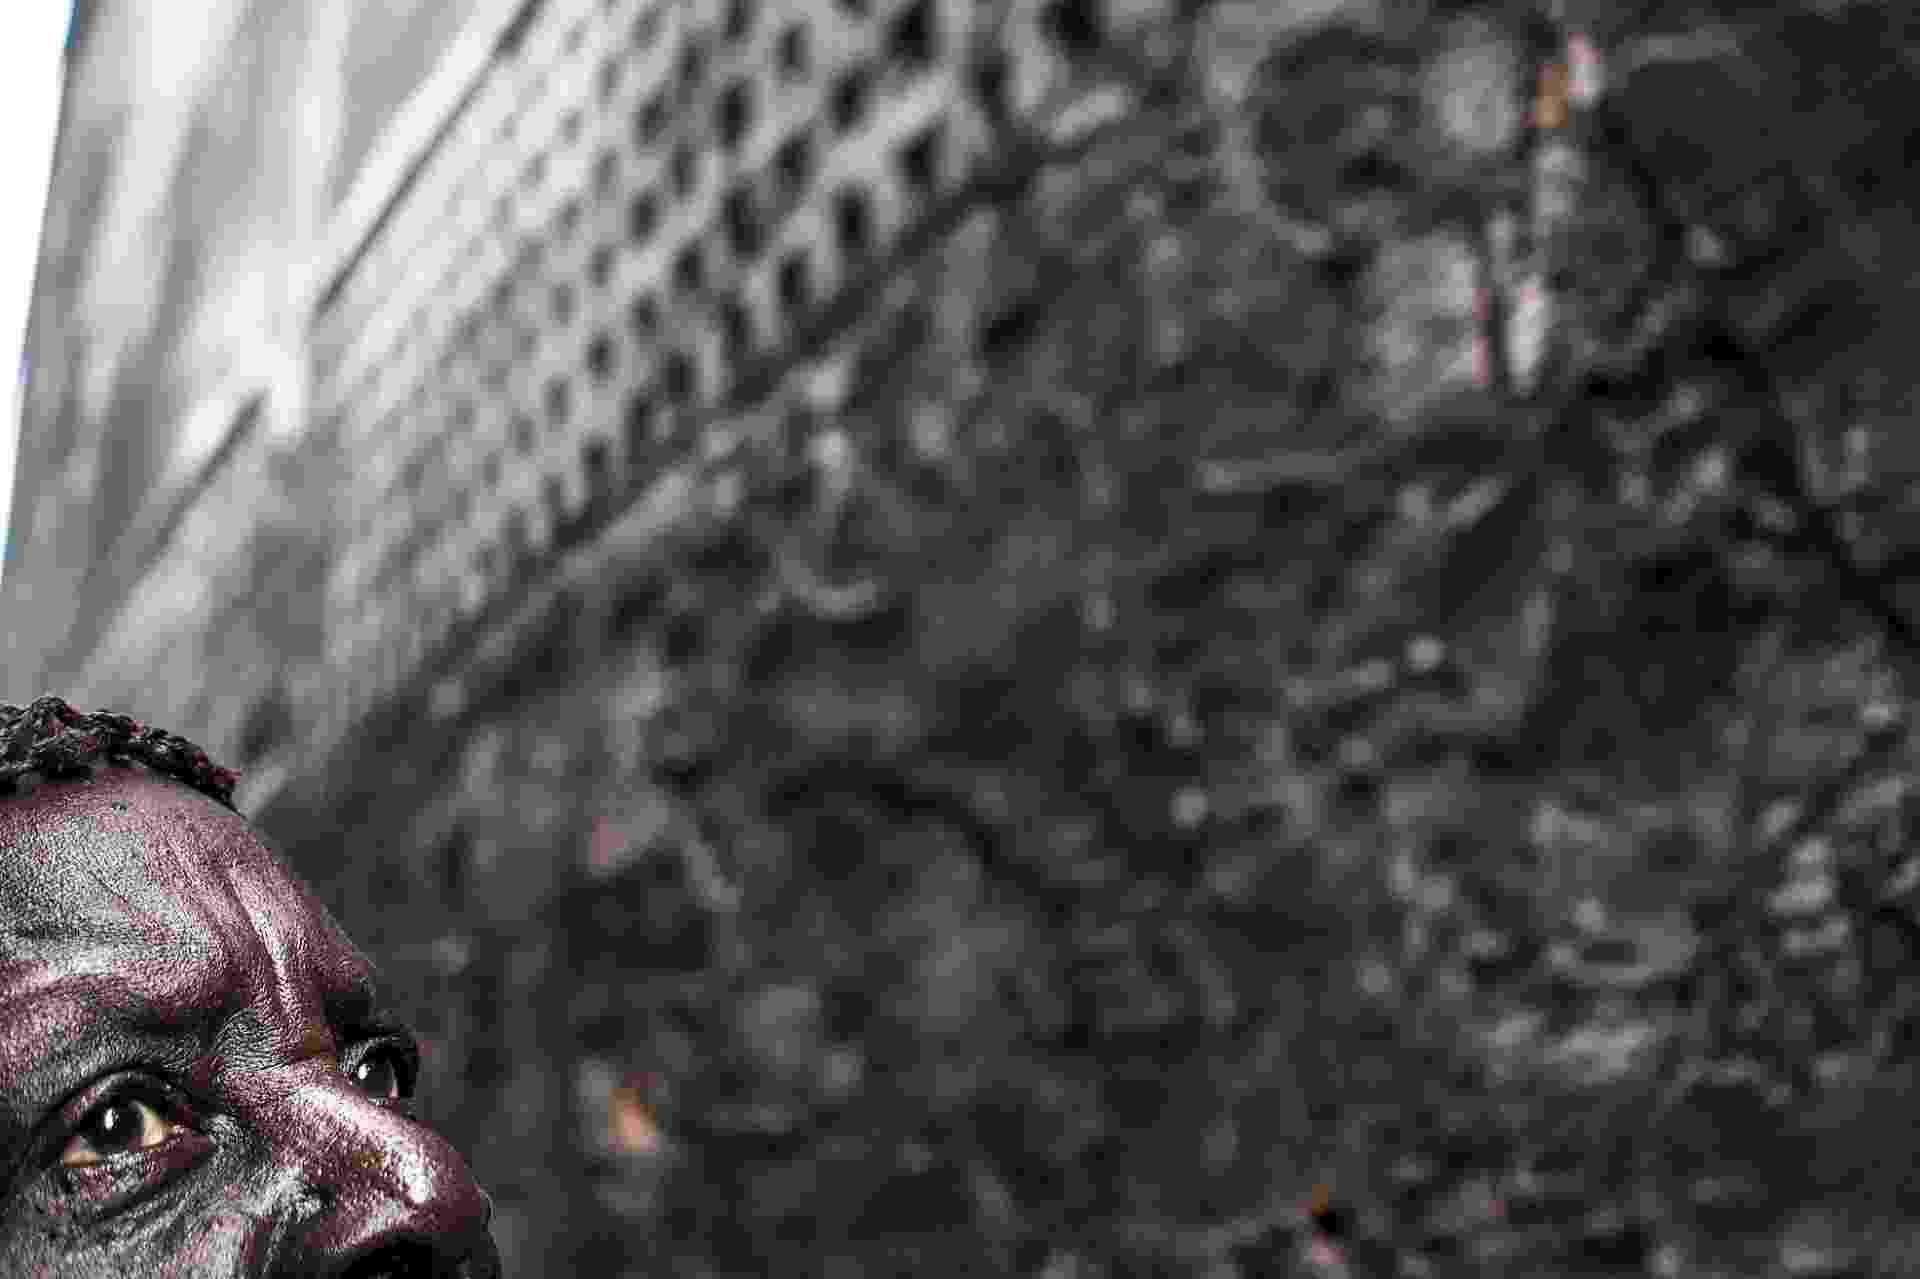 21.out.2014 - Deusdete Fonseca olha para cima enquanto é fotografada no bairro Praça 14  de Janeiro, em anaus, nessa segunda-feira (20). Ela é membro da Comunidade Negra do Barranco, em São Benedito. O vilarejo composto por 25 famílias foi definido como o segundo quilombo urbano a ser reconhecido no Brasil - Raphael Alves/AFP